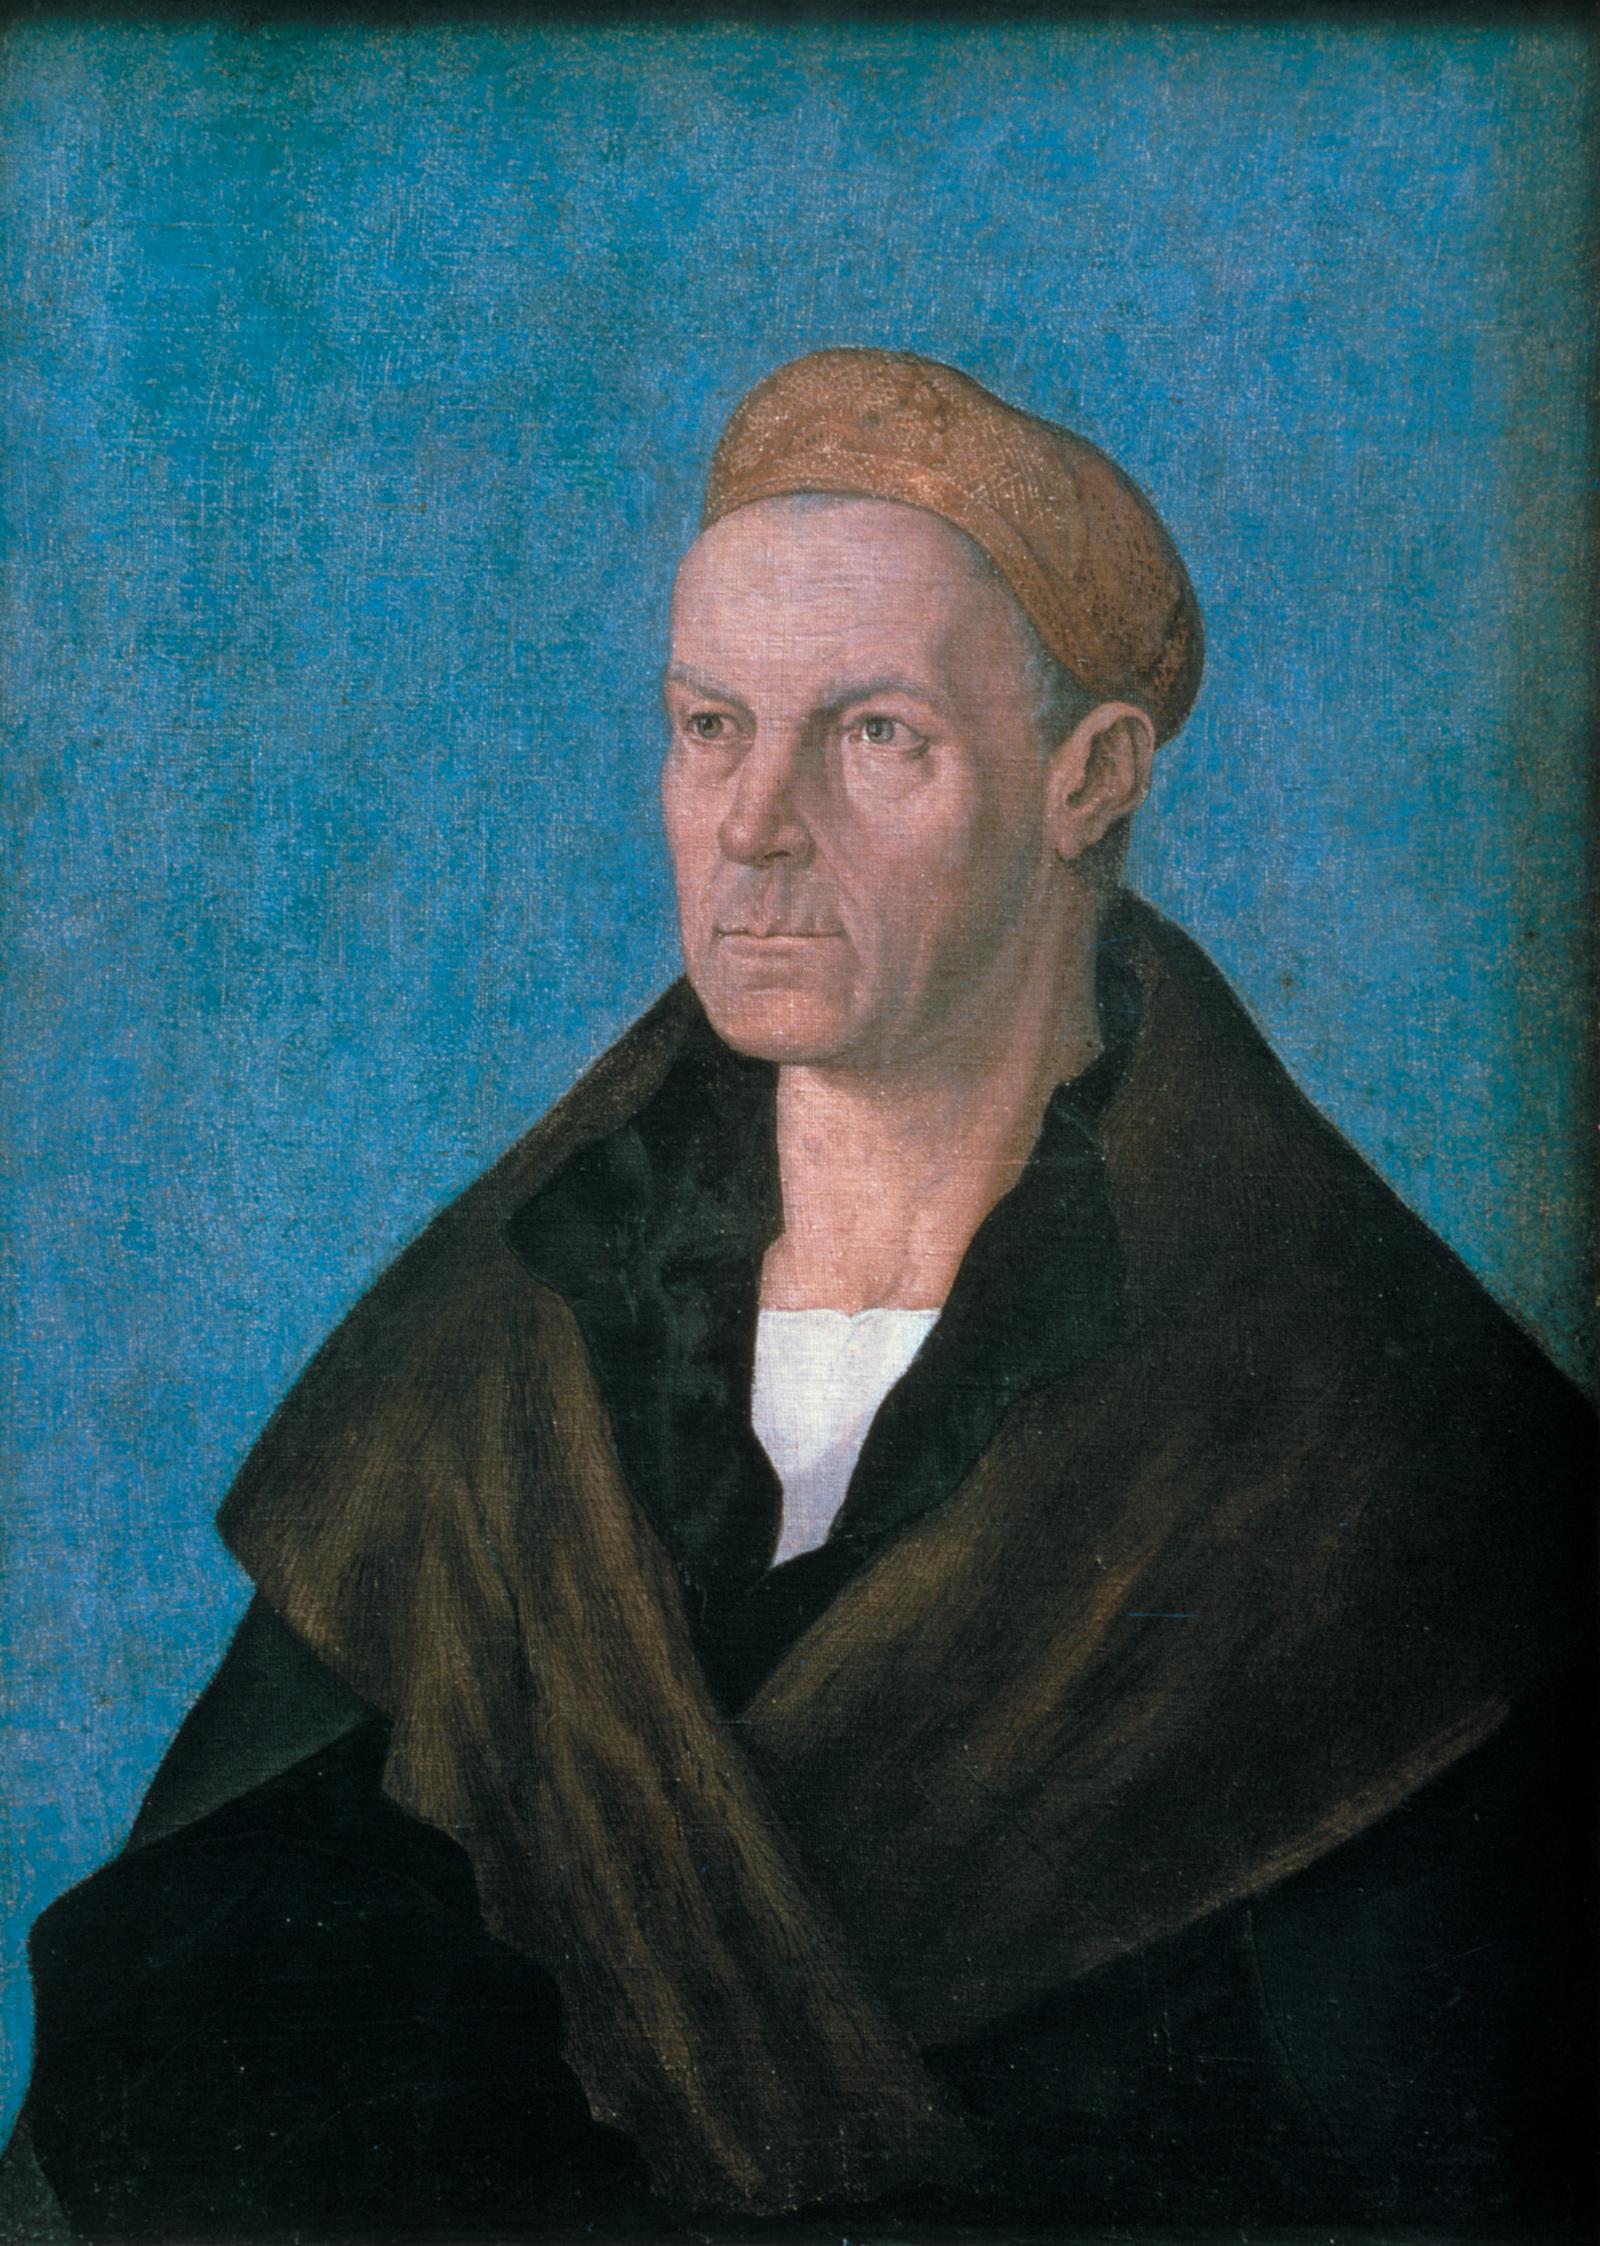 Jacob Fugger; portrait by Albrecht Dürer, circa 1520